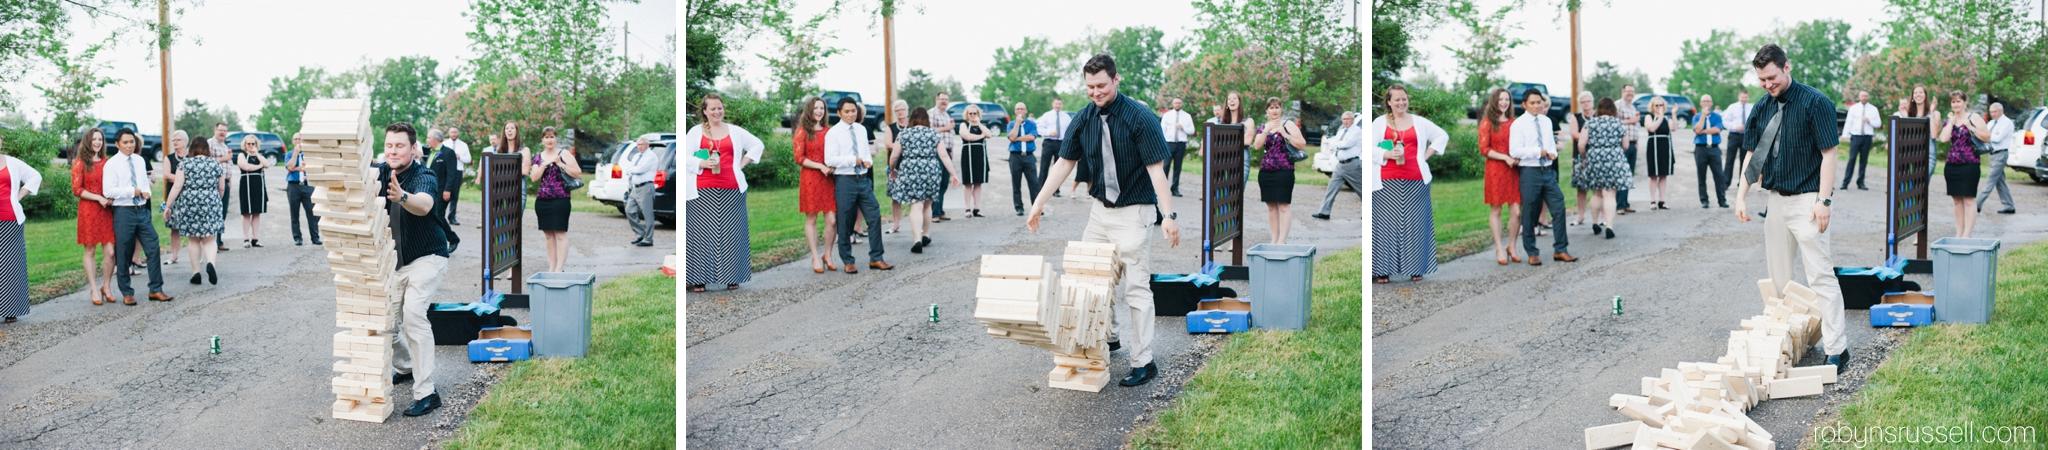 32-playing-jenga-outdoor-games-cambridge-wedding.jpg